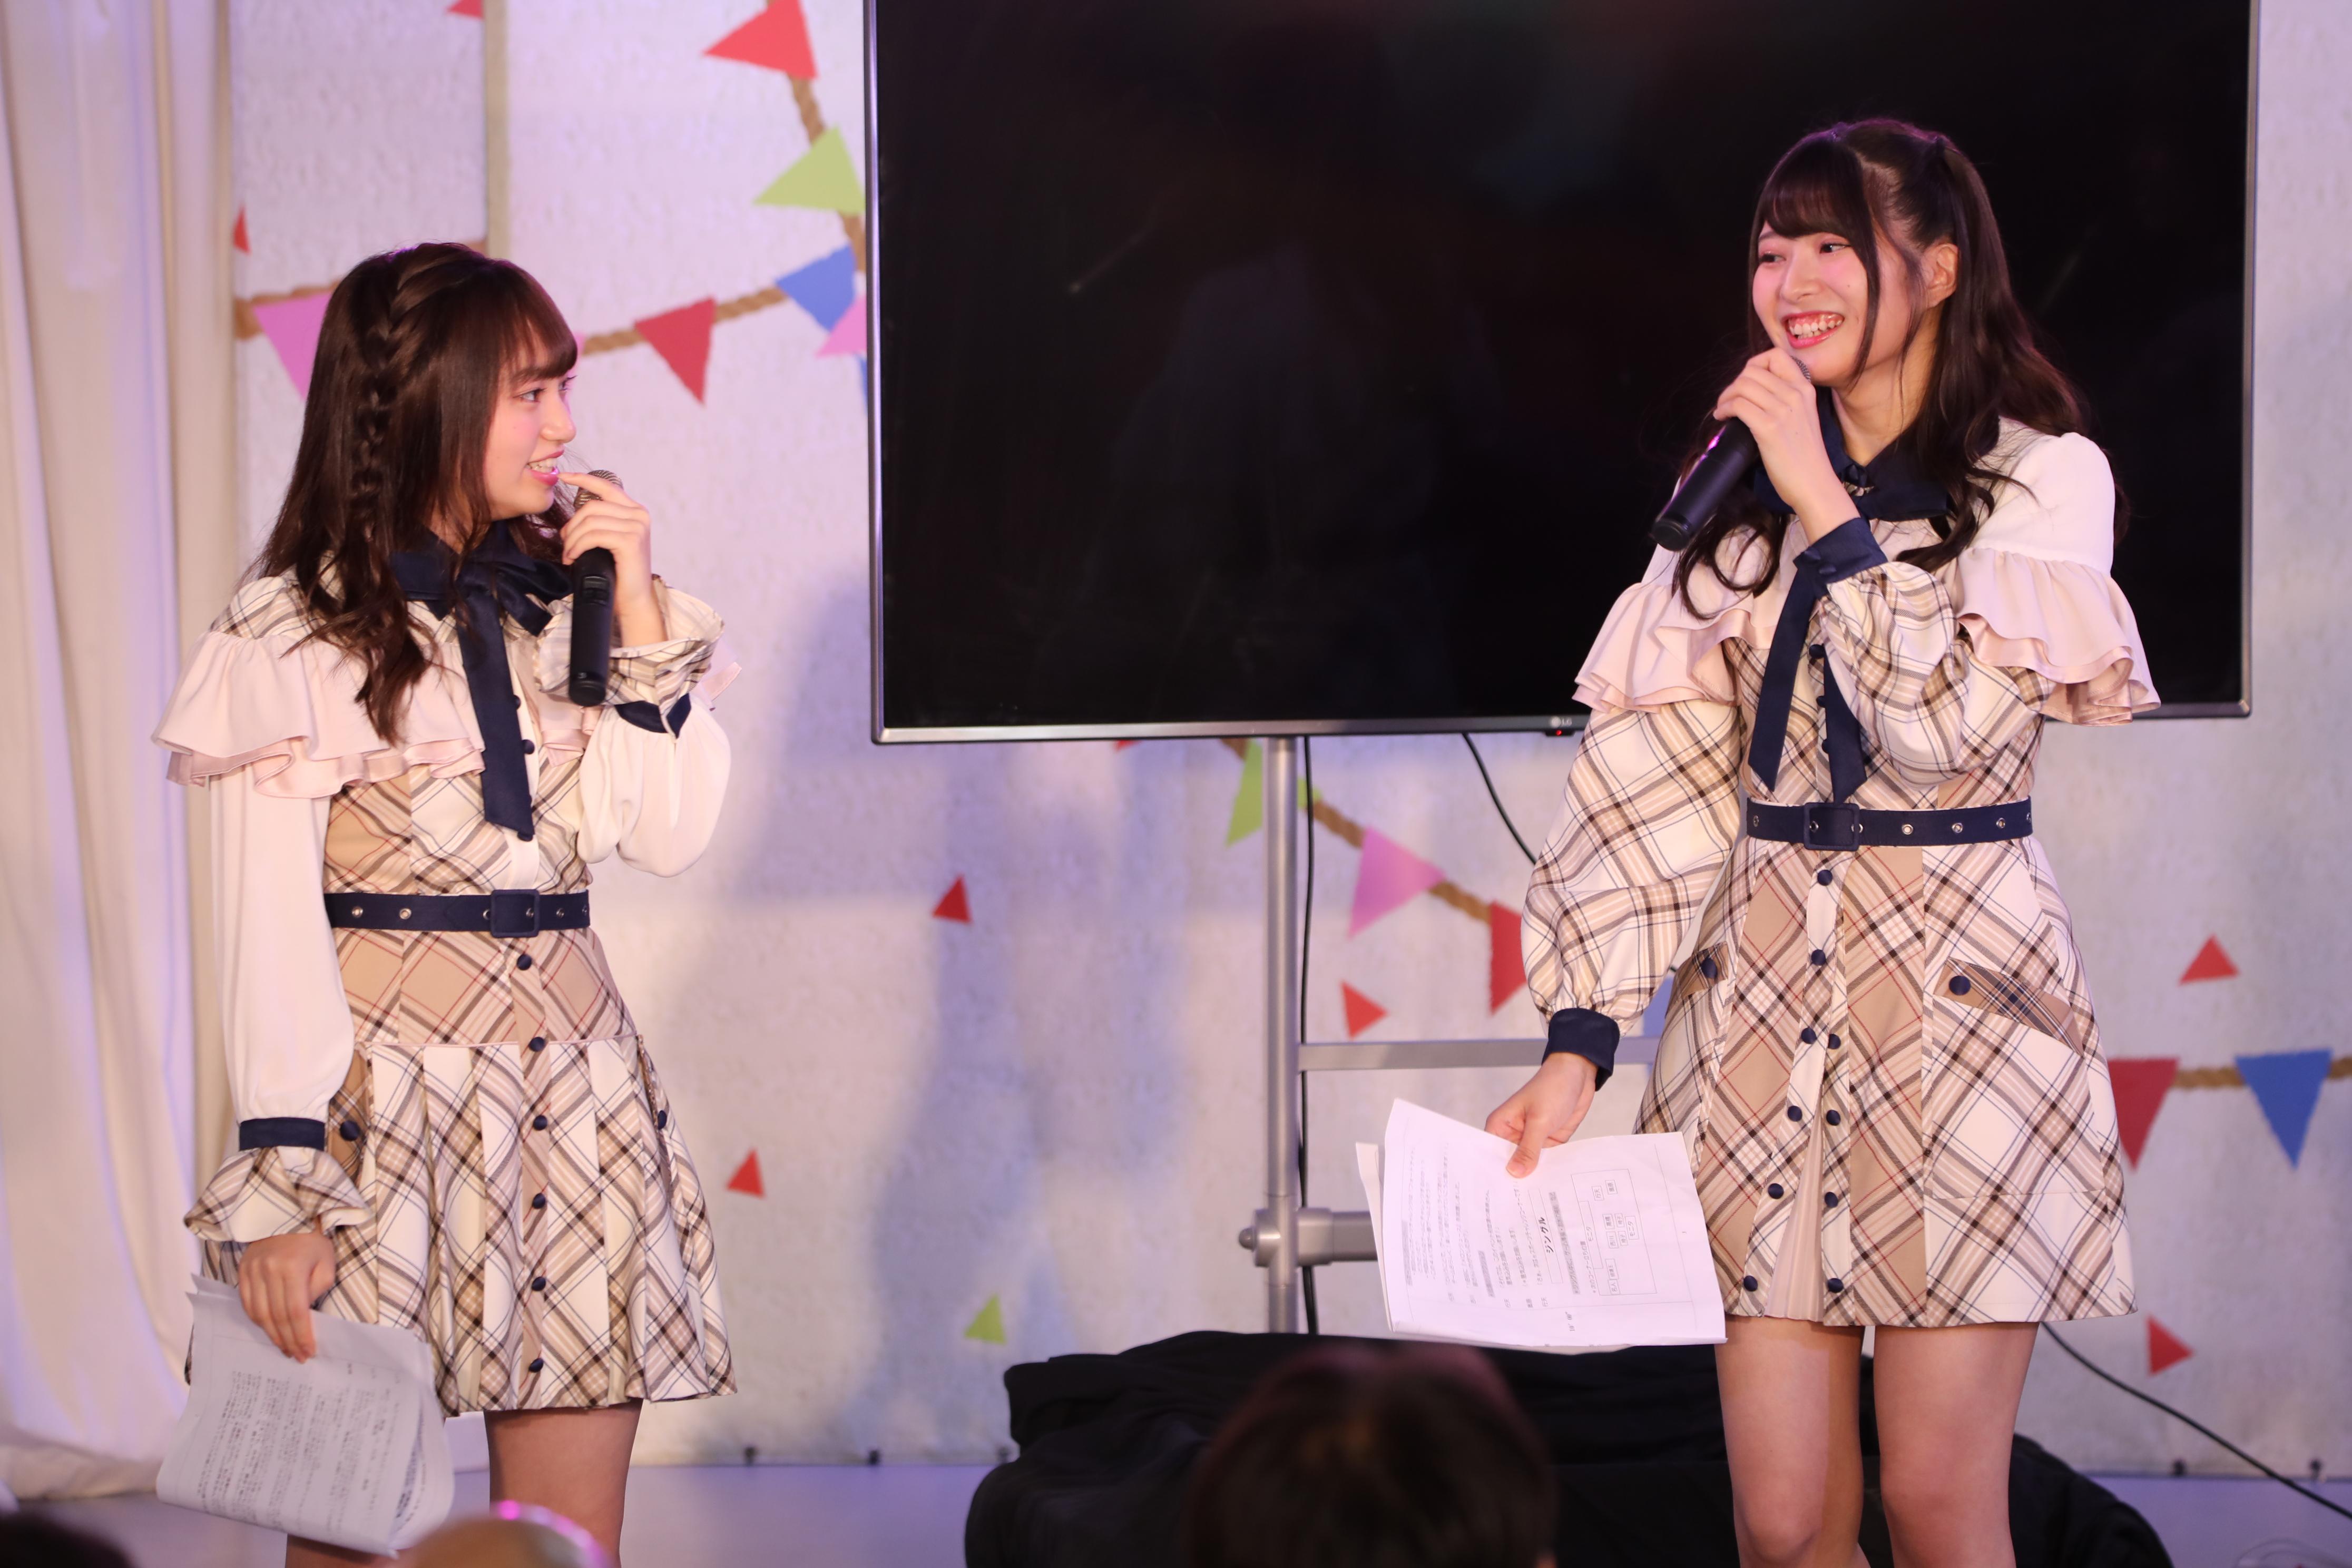 奥原妃奈子「香川さんには勝てそう!」行天優莉奈「香川さん?どういうこと?」